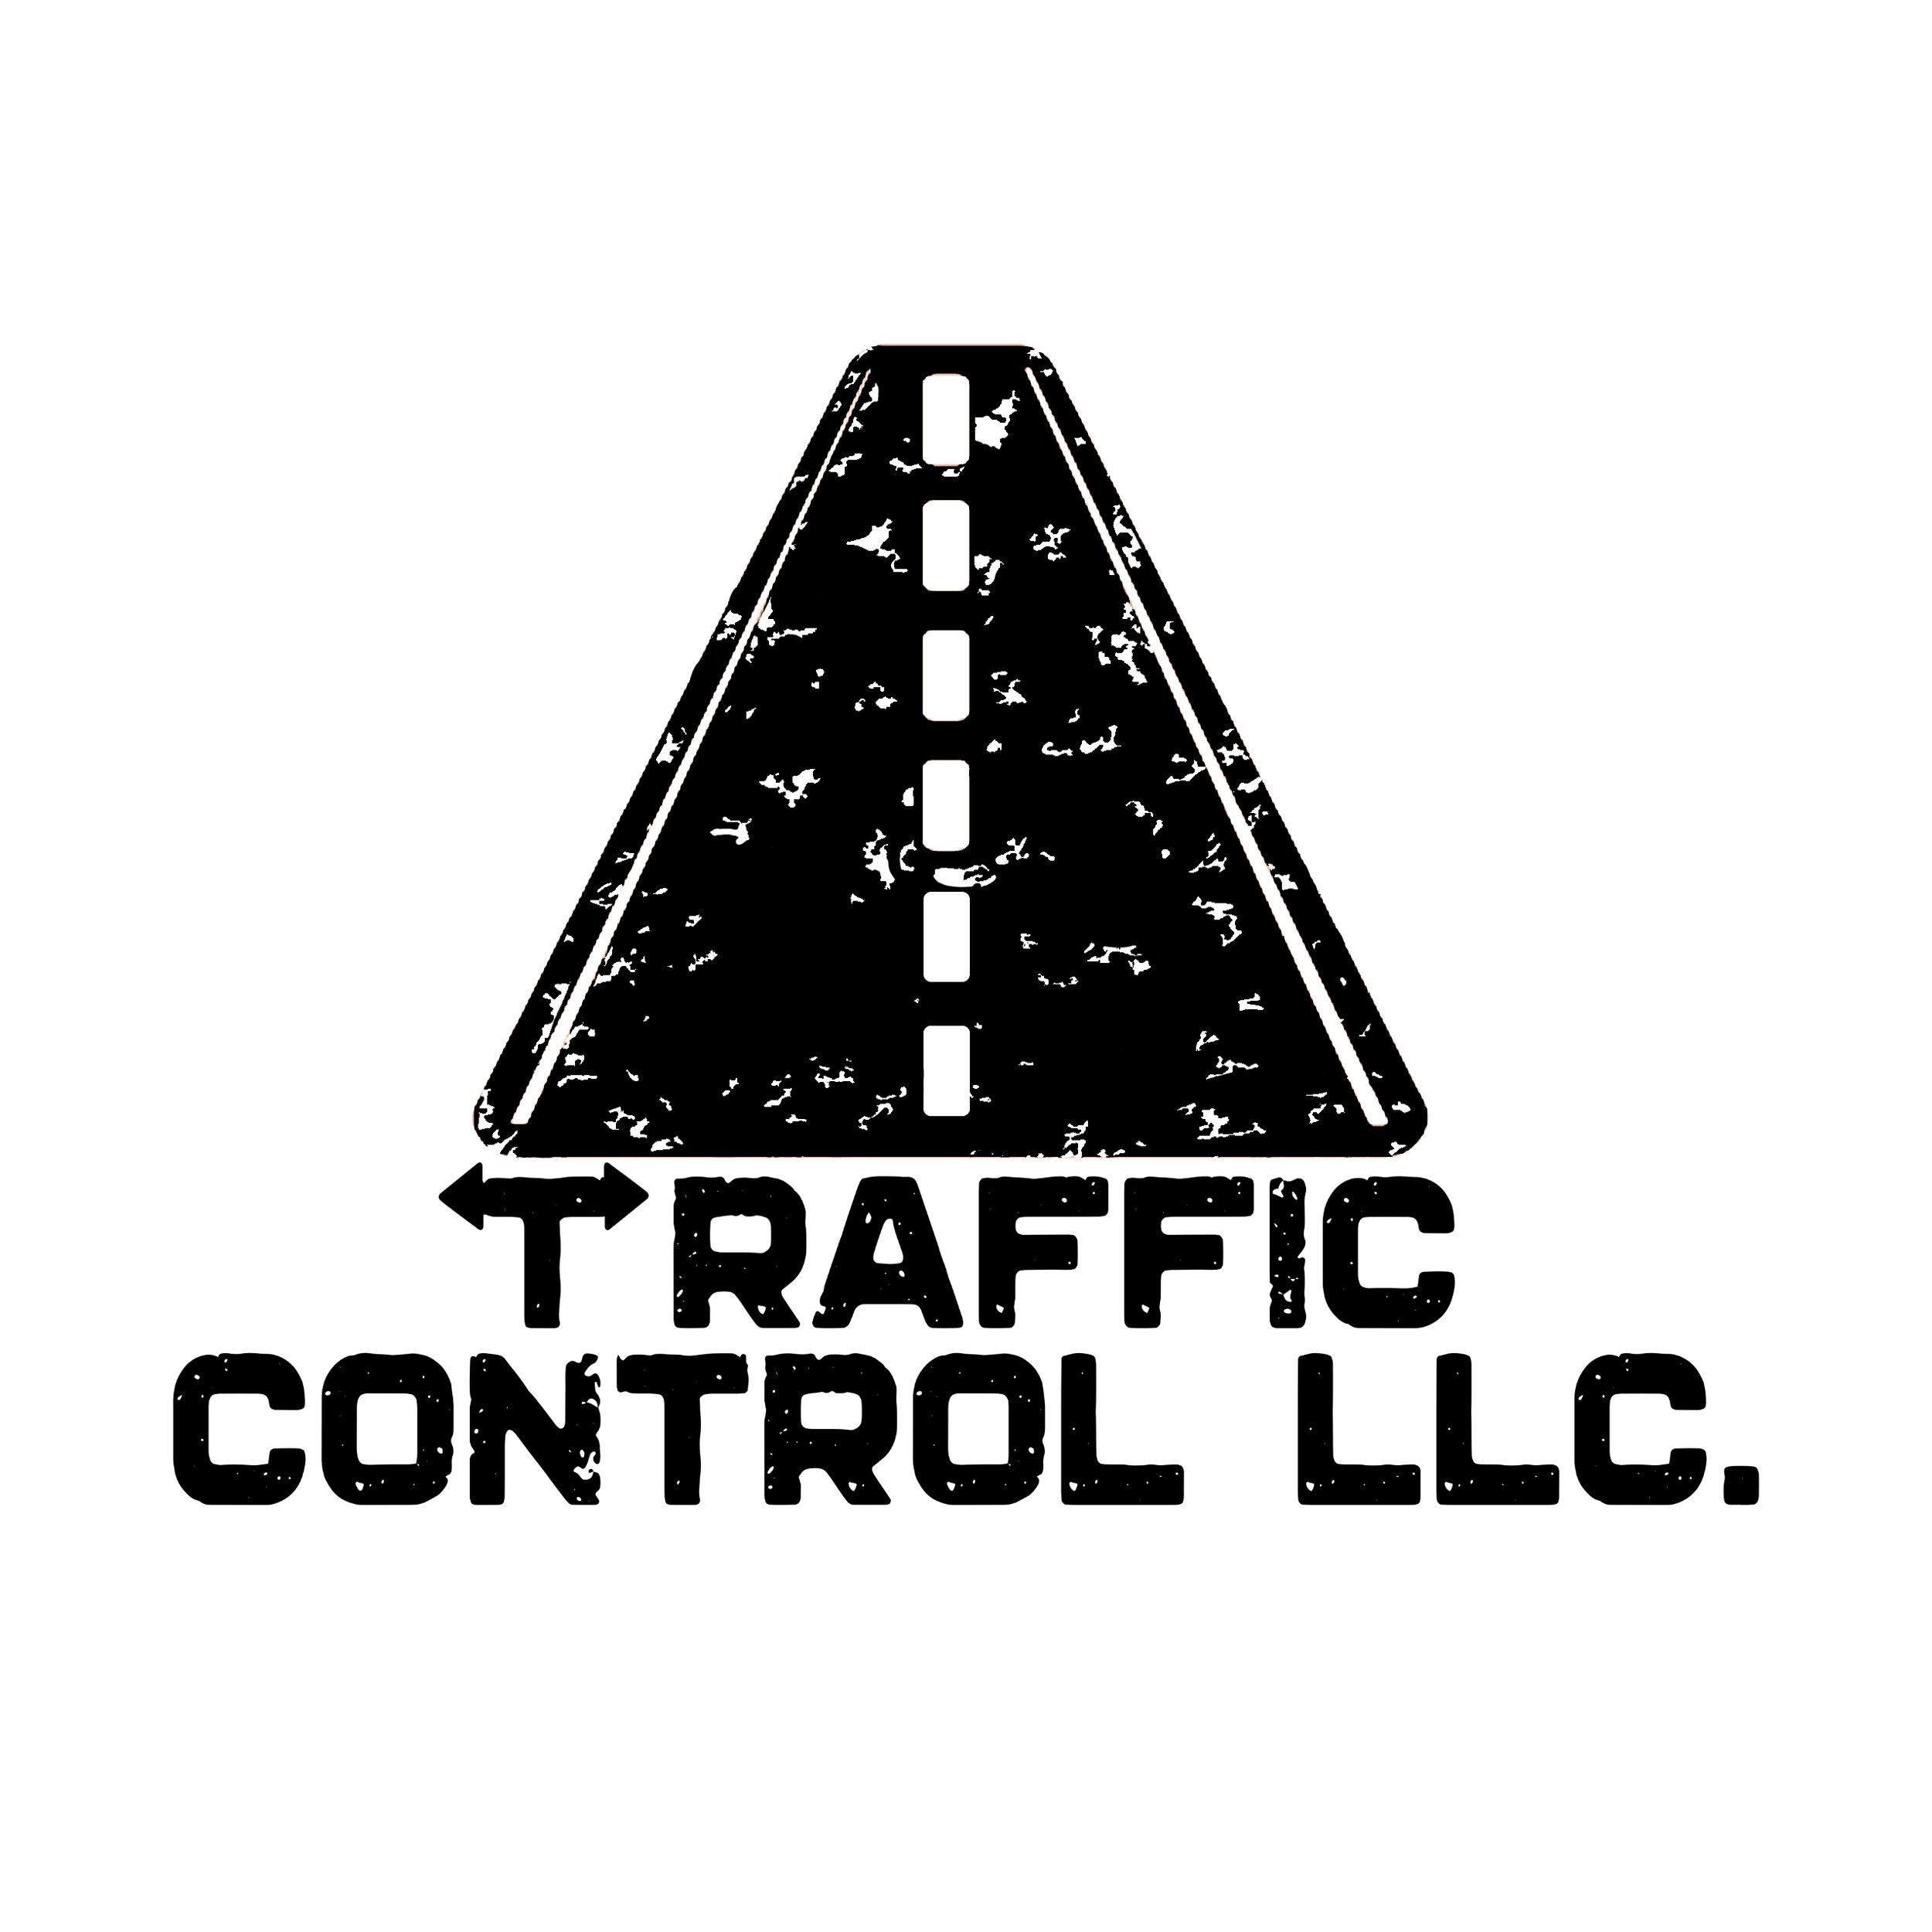 Traffic Control Llc.jpg